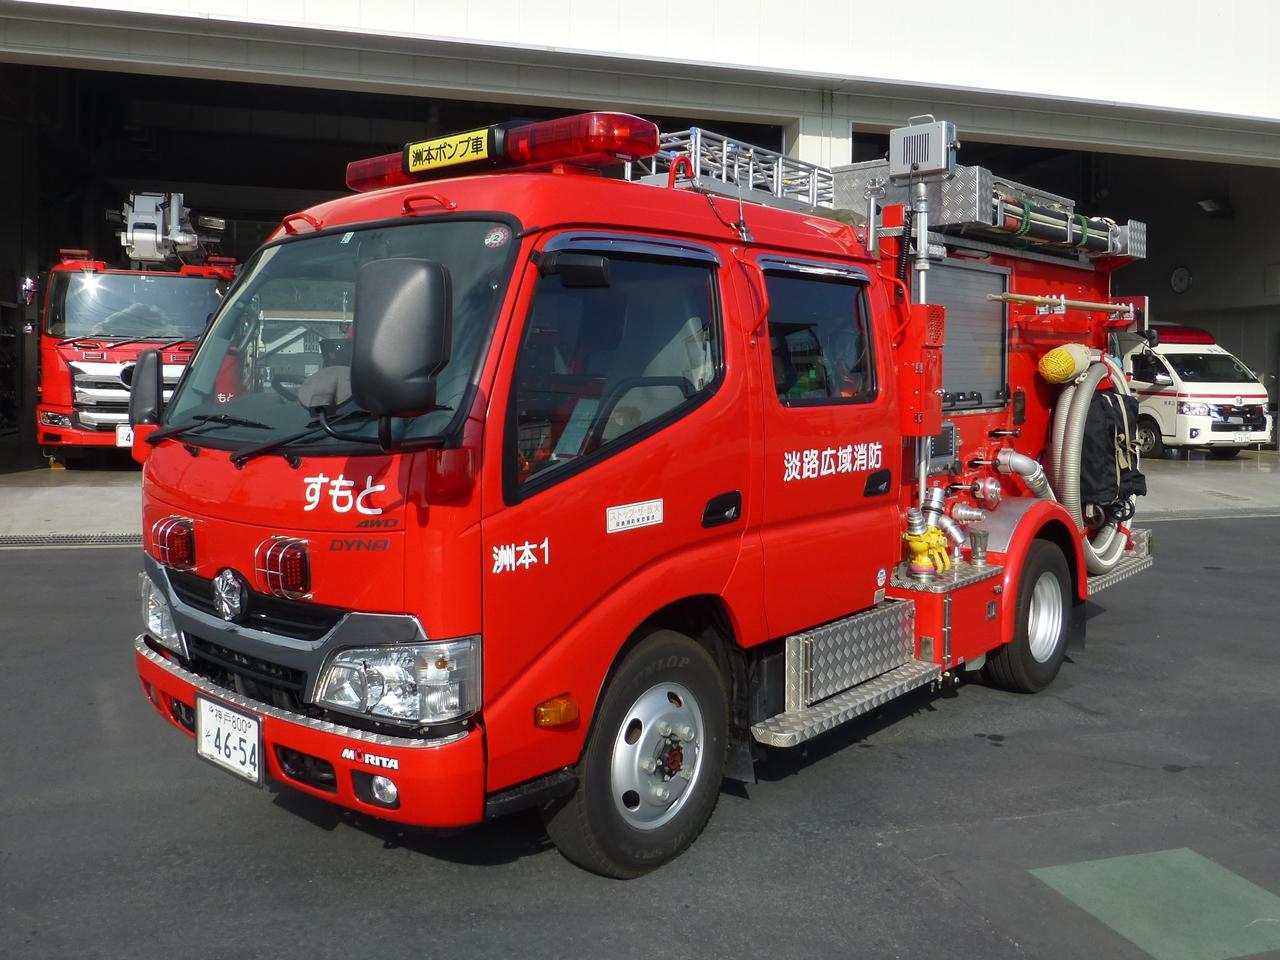 消防ポンプ自動車